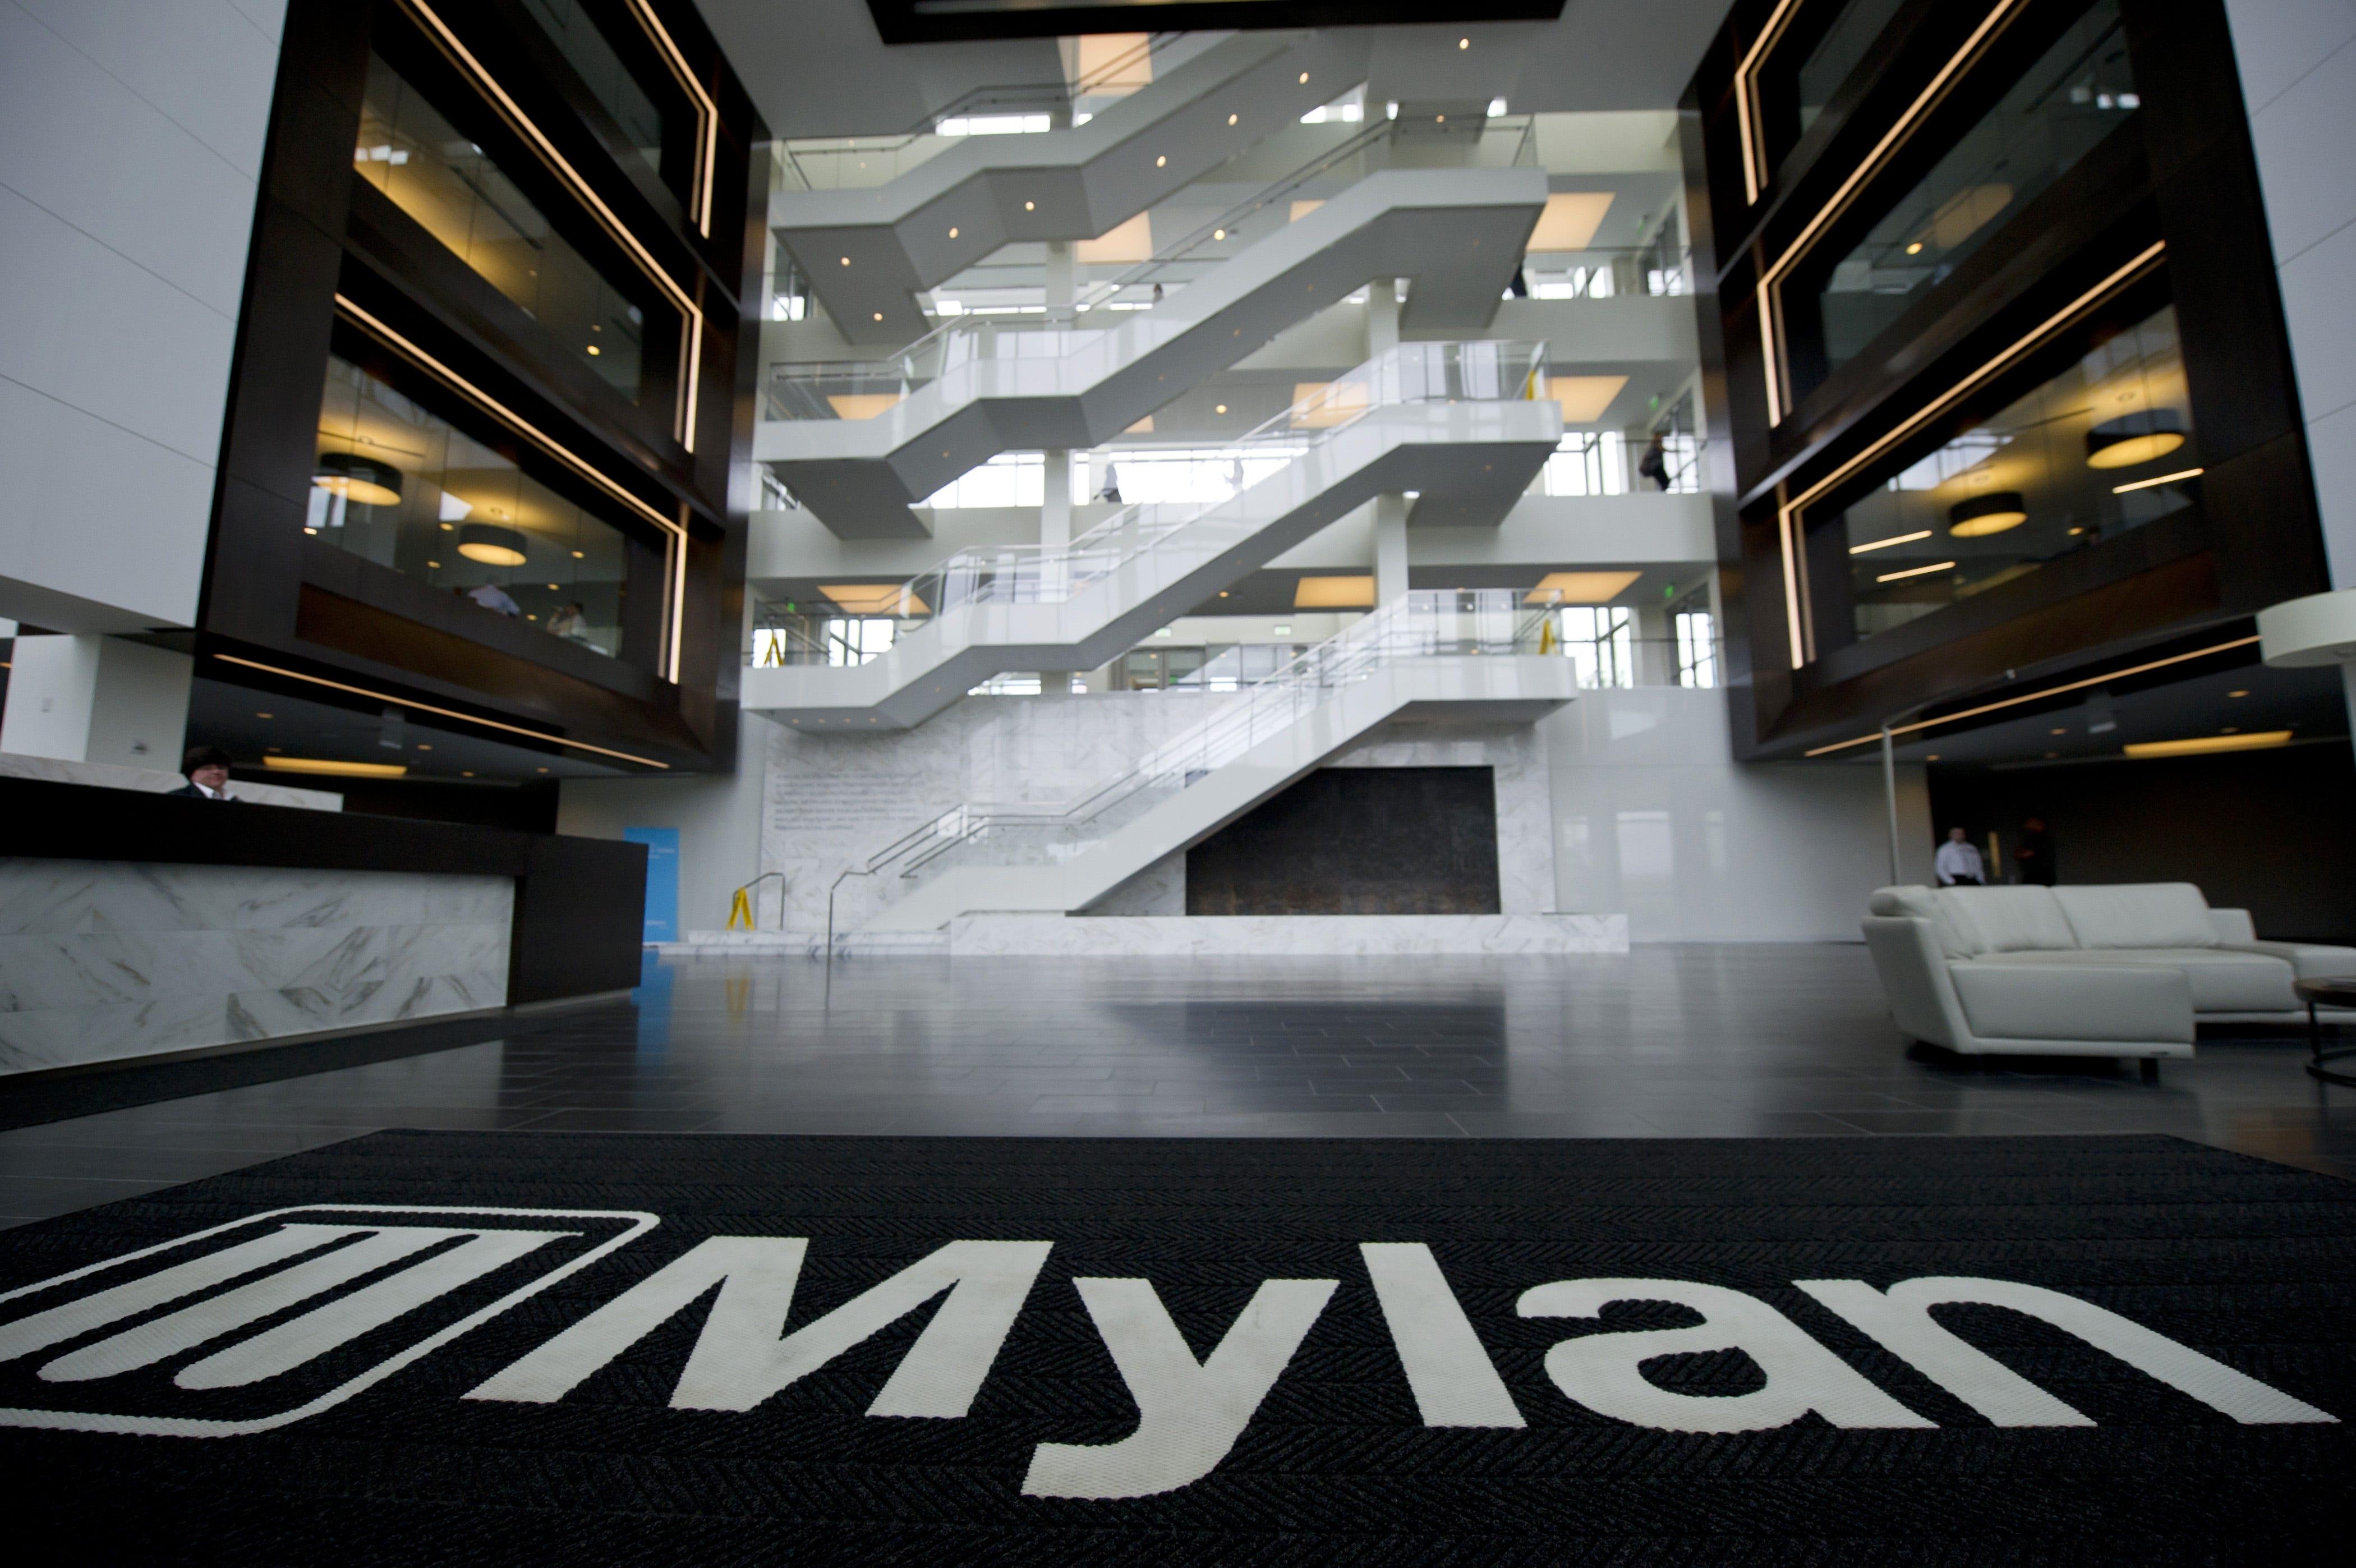 Perrigo shareholders reject Mylan's hostile $26B takeover bid